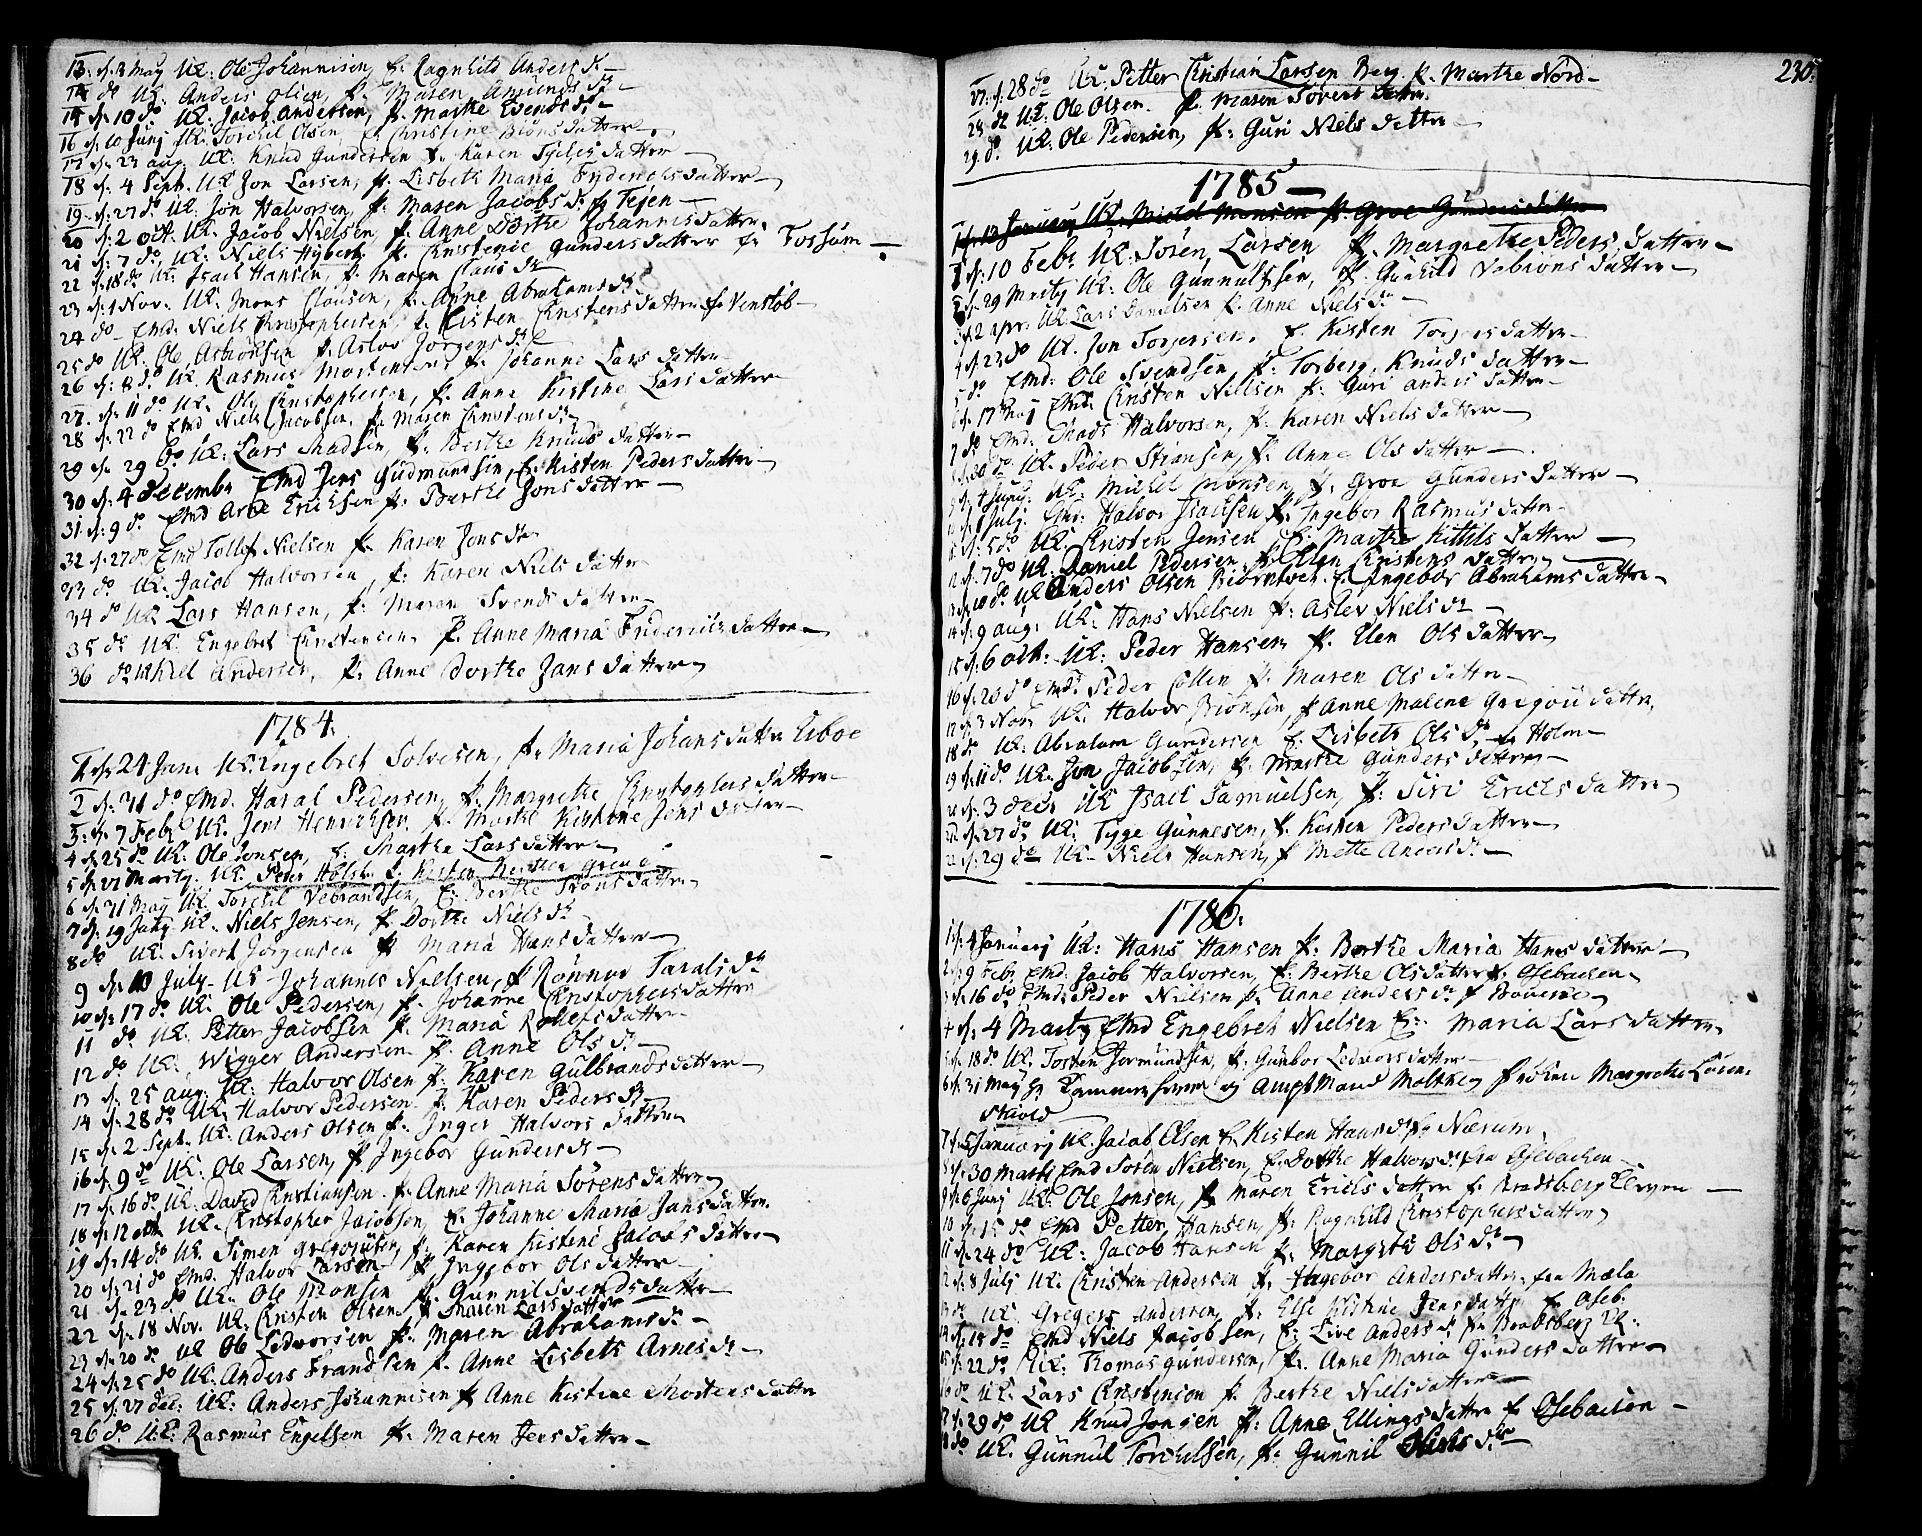 SAKO, Gjerpen kirkebøker, F/Fa/L0002: Ministerialbok nr. 2, 1747-1795, s. 230